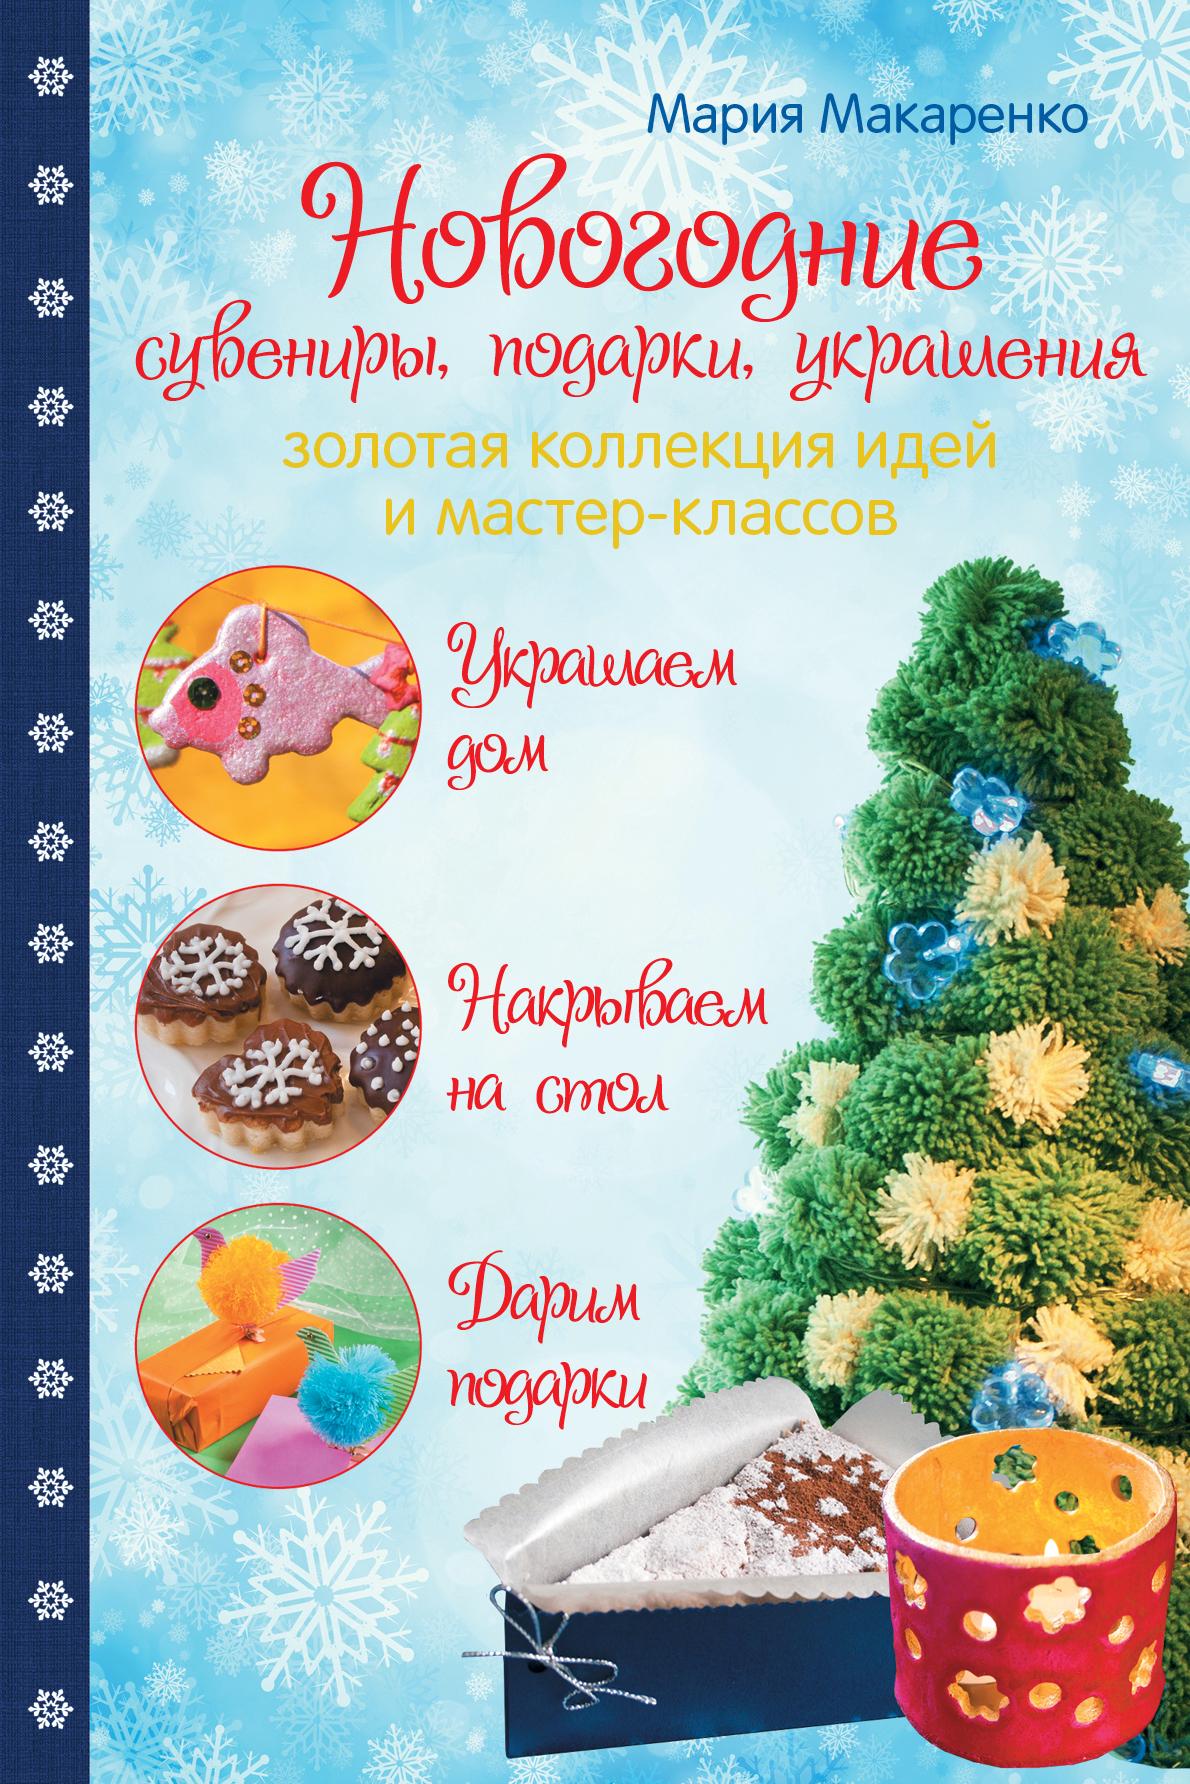 Новогодние сувениры, подарки и украшения. Золотая коллекция идей и мастер-классов